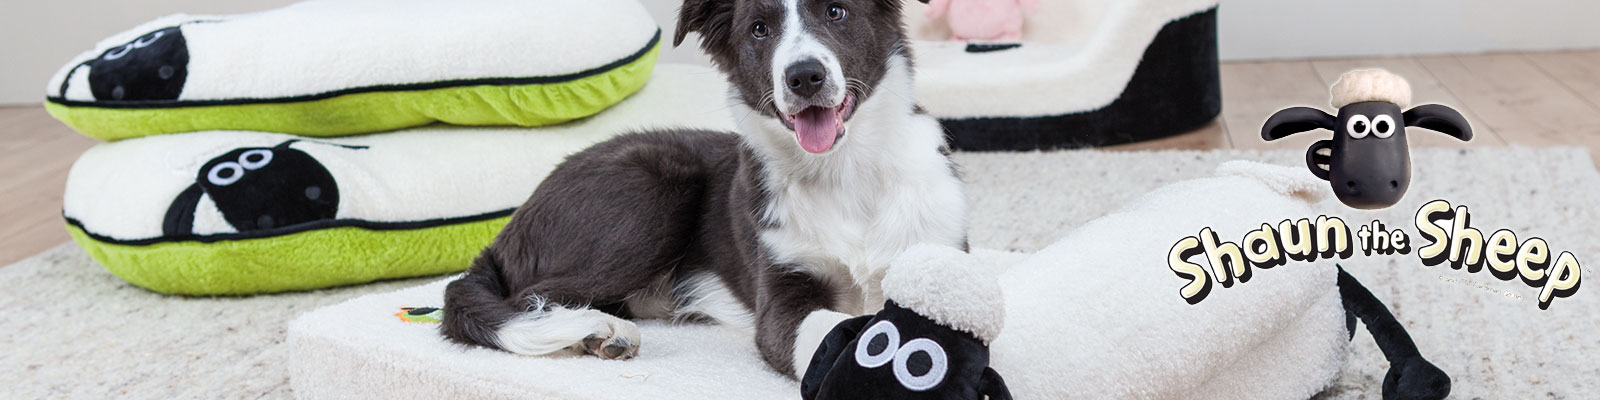 Shaun das Schaf - die Hundekollektion von TRIXIE, Bild 1